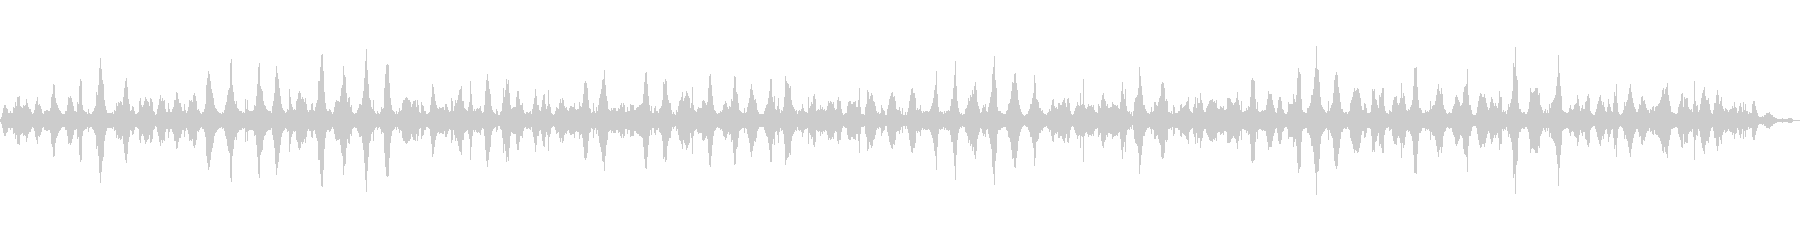 【環境音】波音 (和田長浜海岸)の未再生の波形